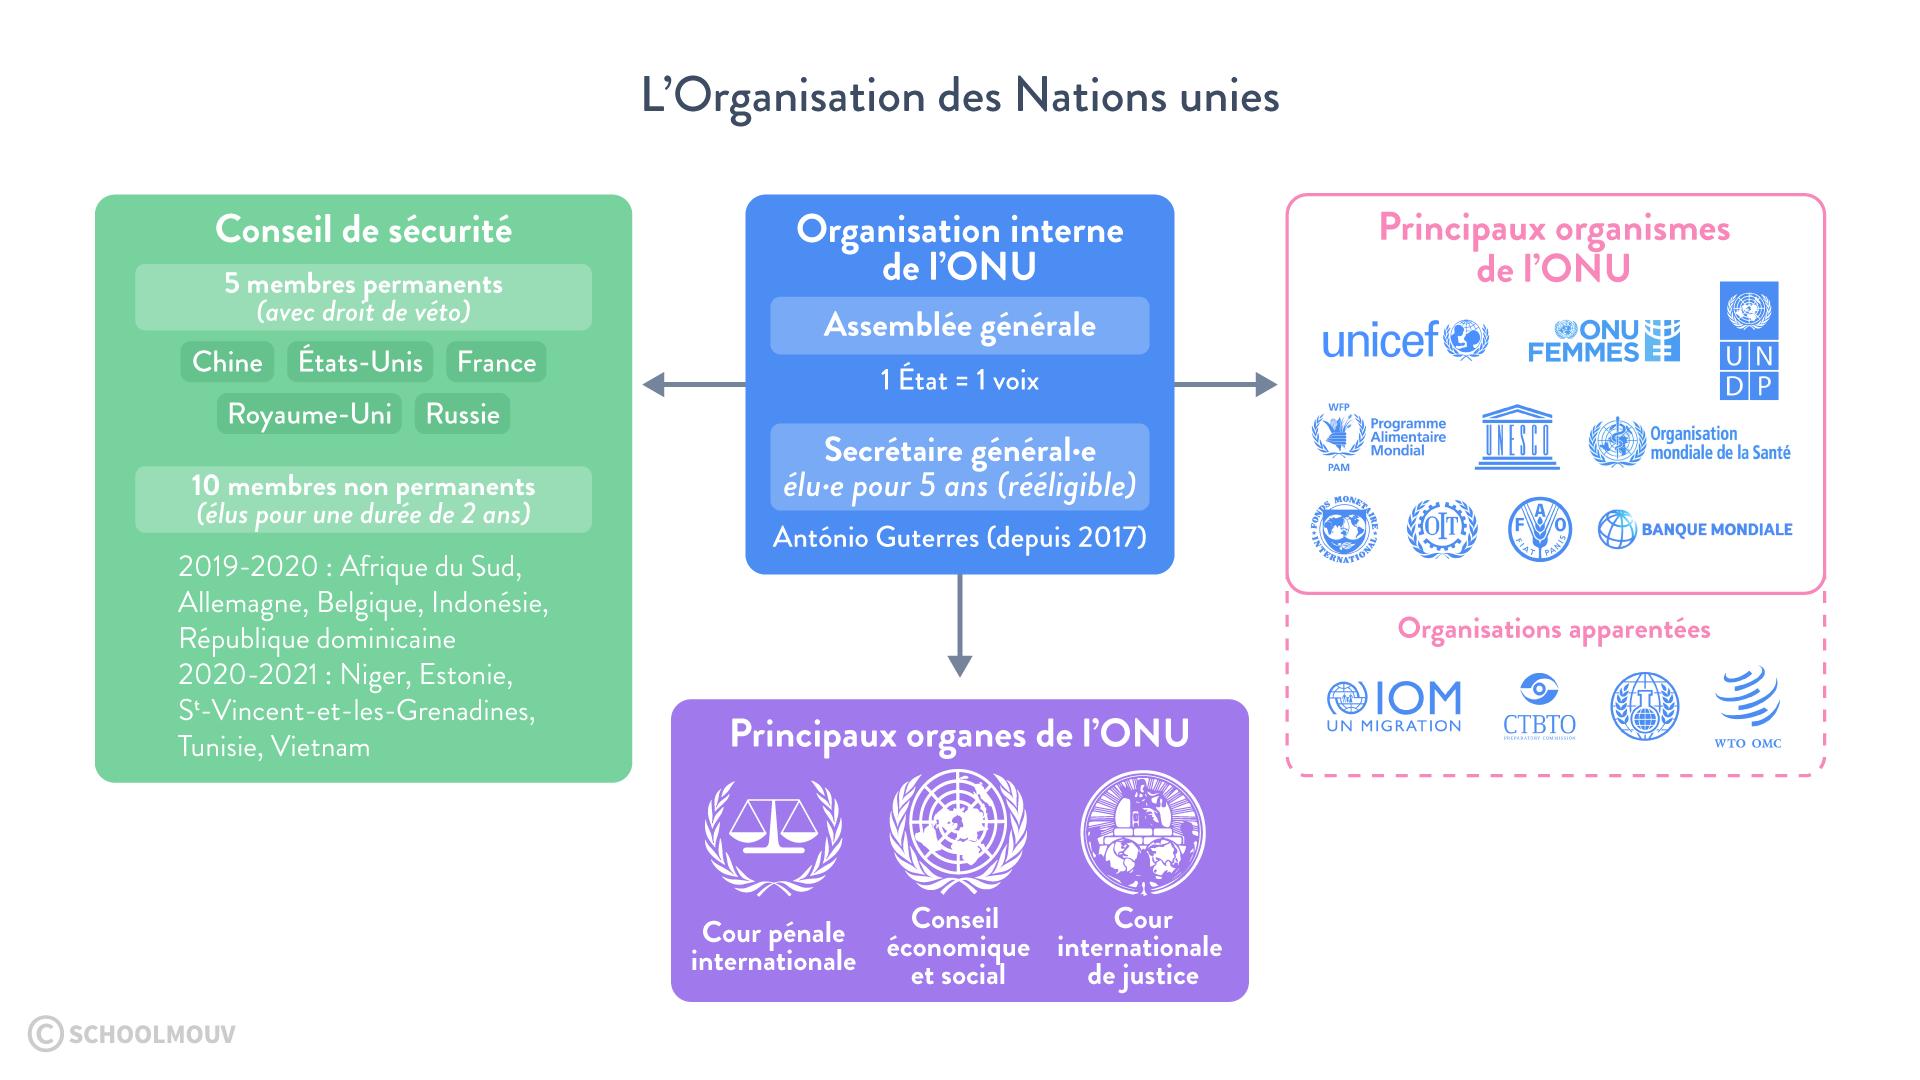 l'organisation des nations unies conseil de sécurité  faire la guerre paix histoire géographie géopolitique sciences politiques terminale